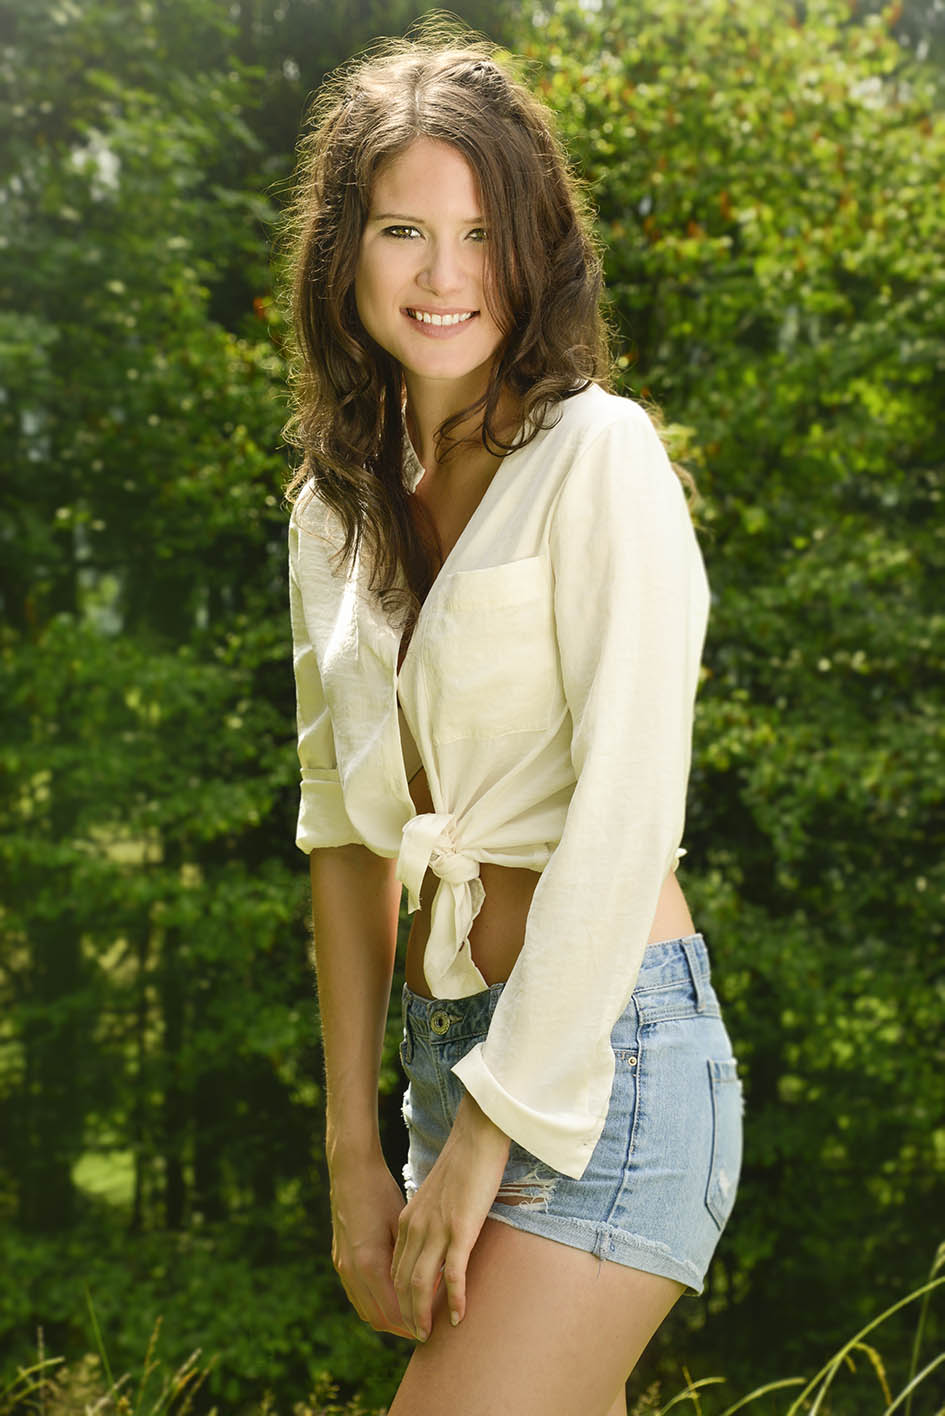 model portfolio fotografie Aalst